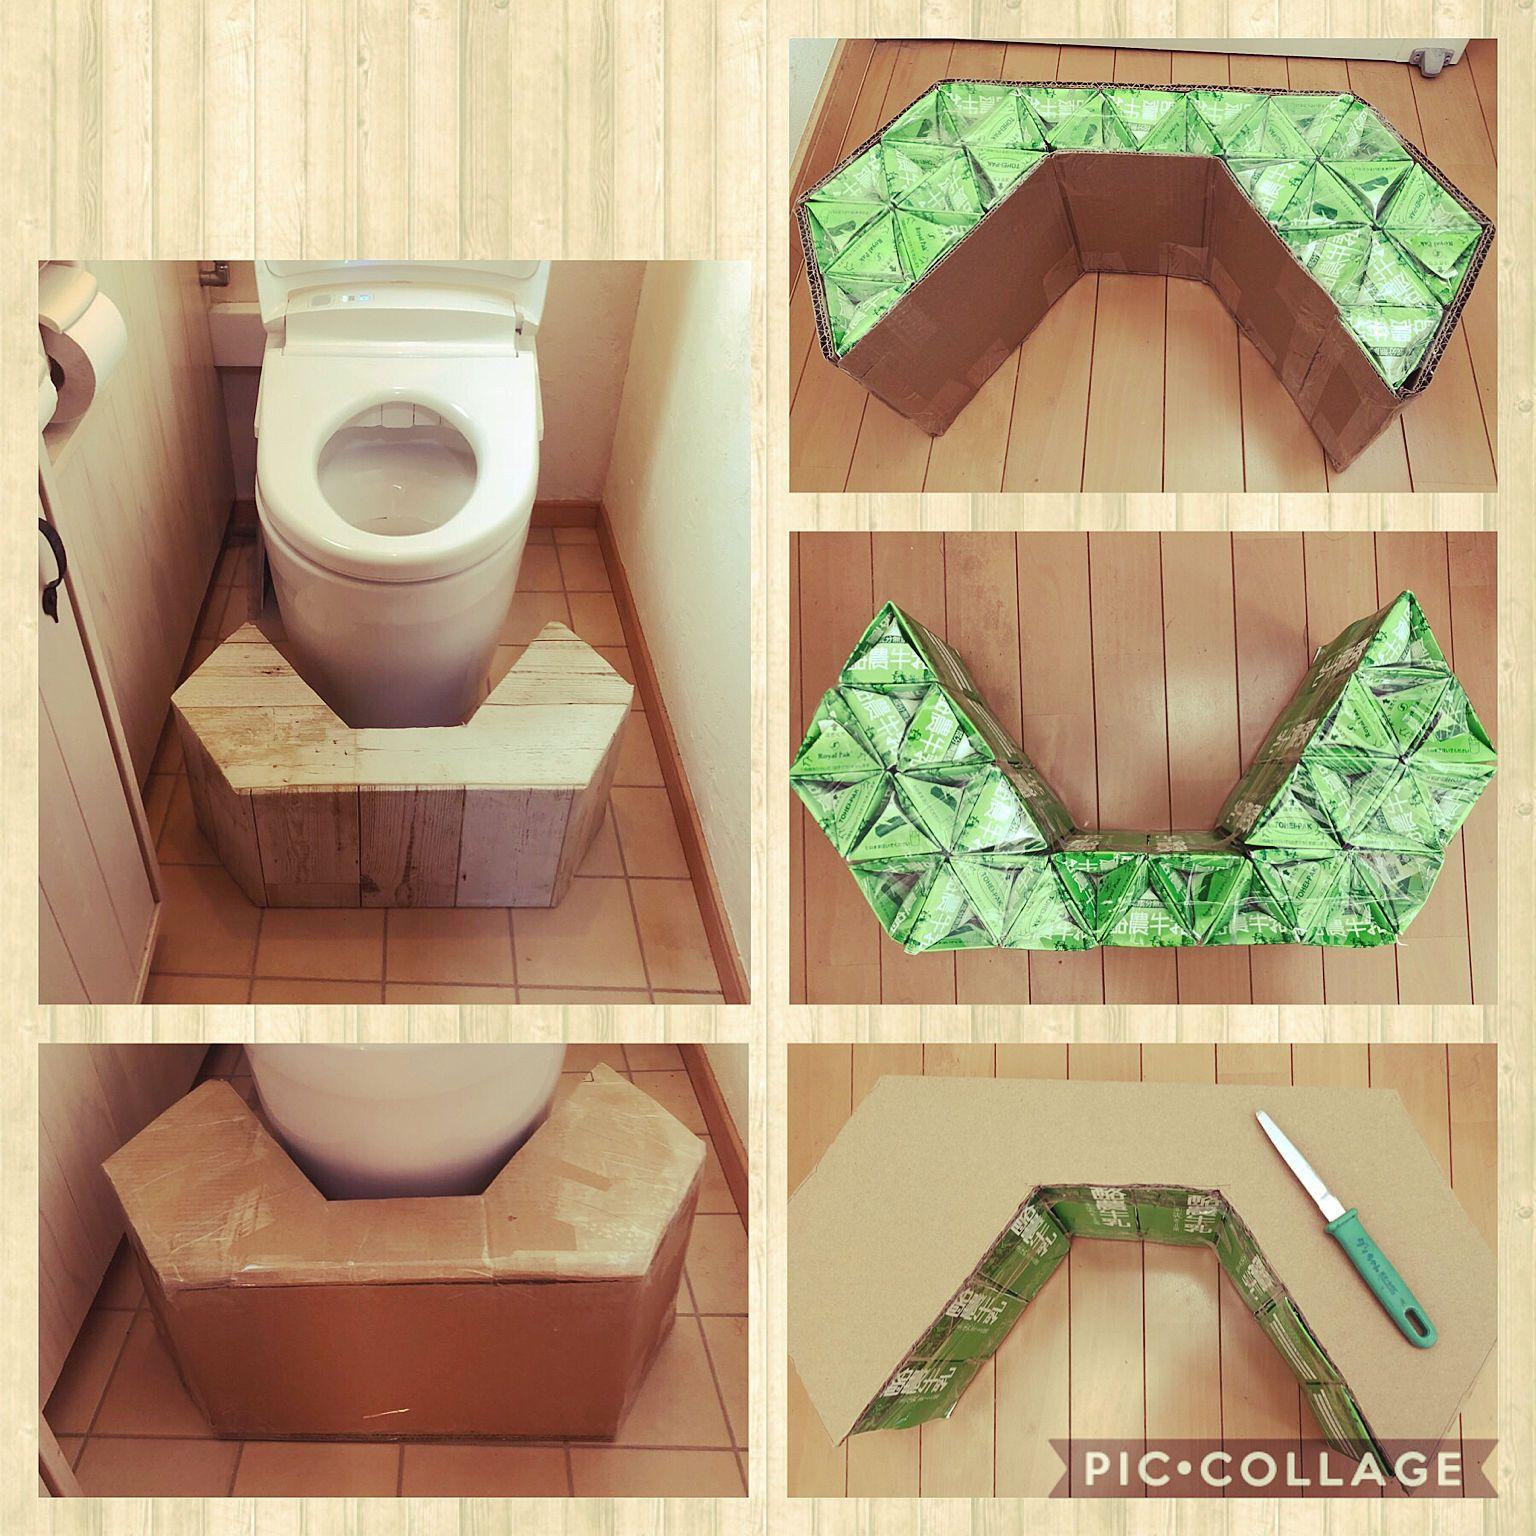 バス トイレ Diy Totoリモデル トイレ足置き台 Diyのある暮らし など